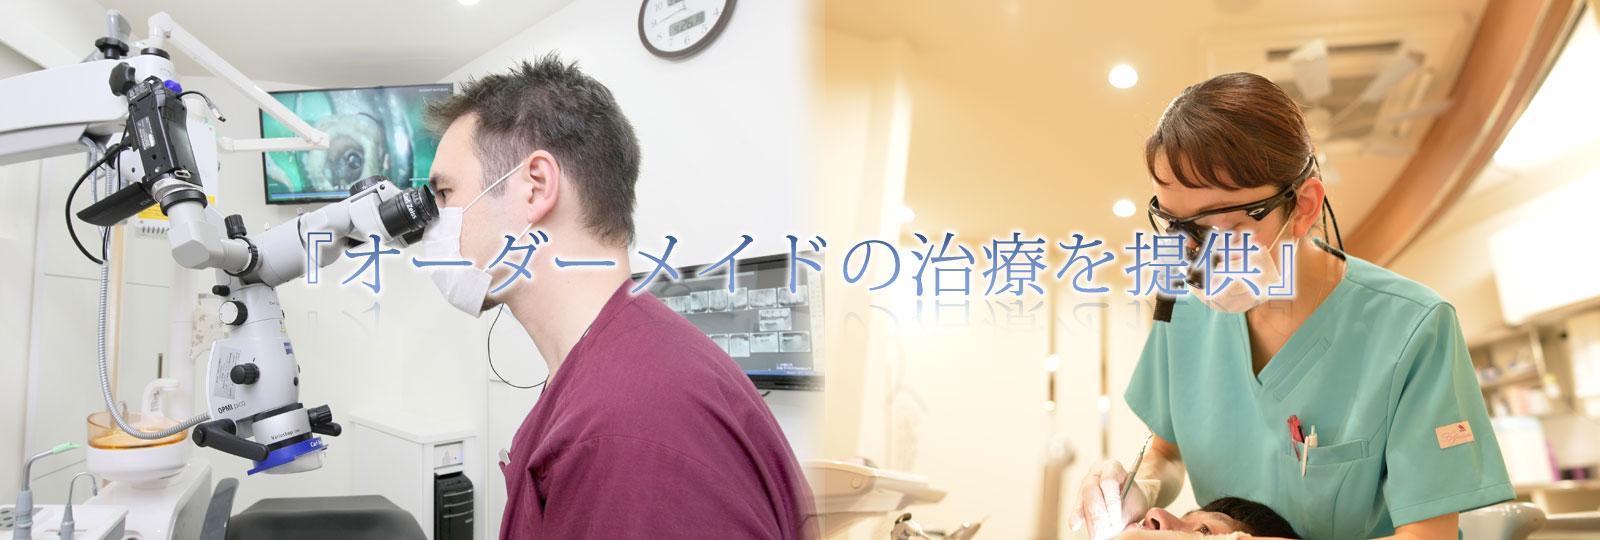 オーダーメイドの治療